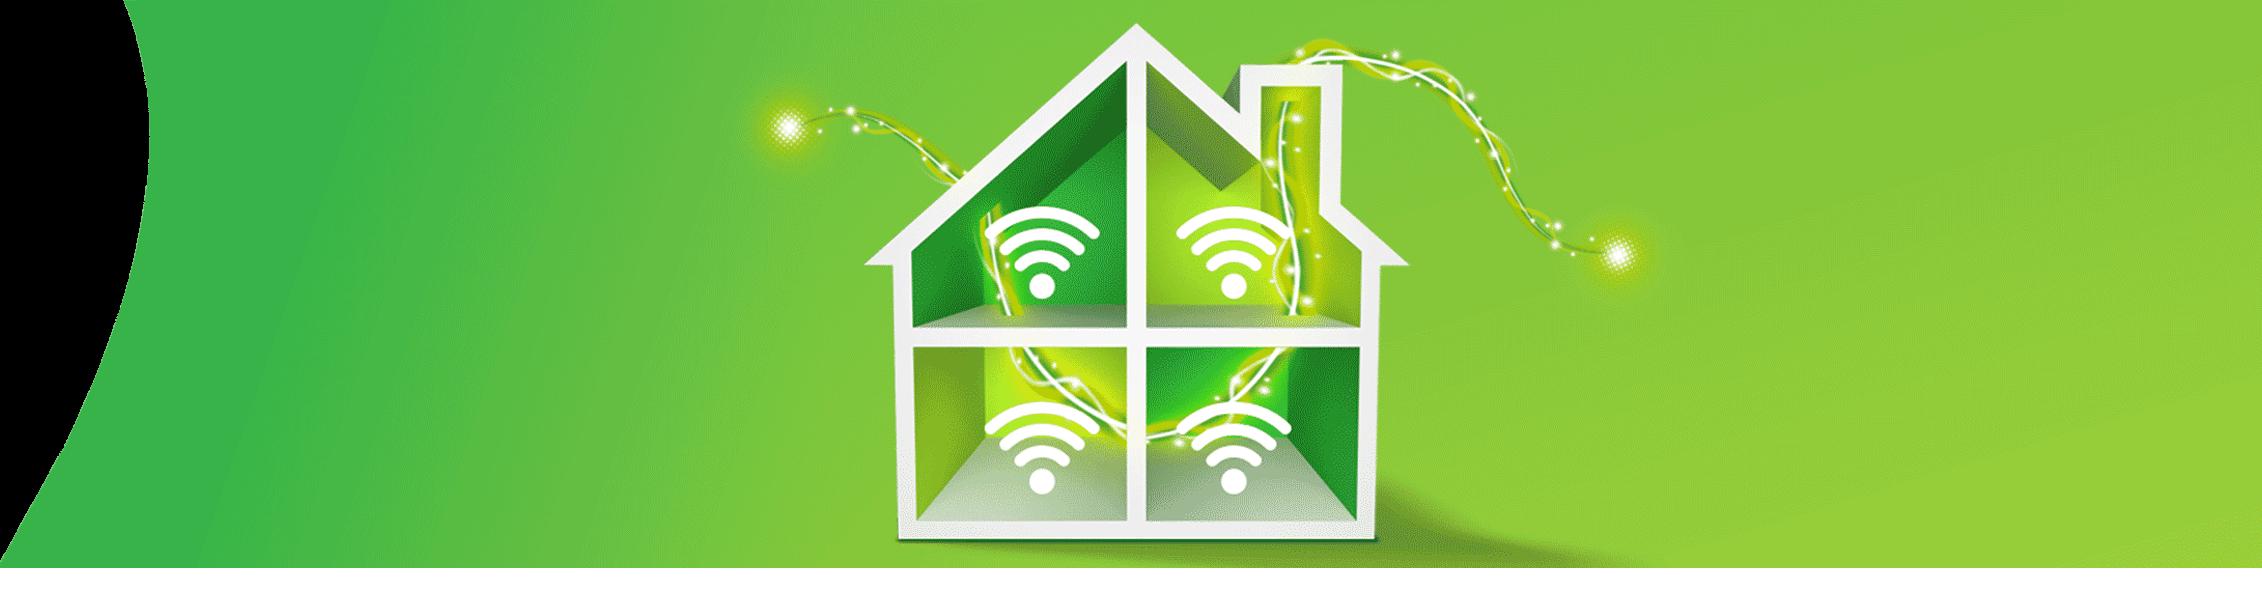 Worldwide Broadband Speeds